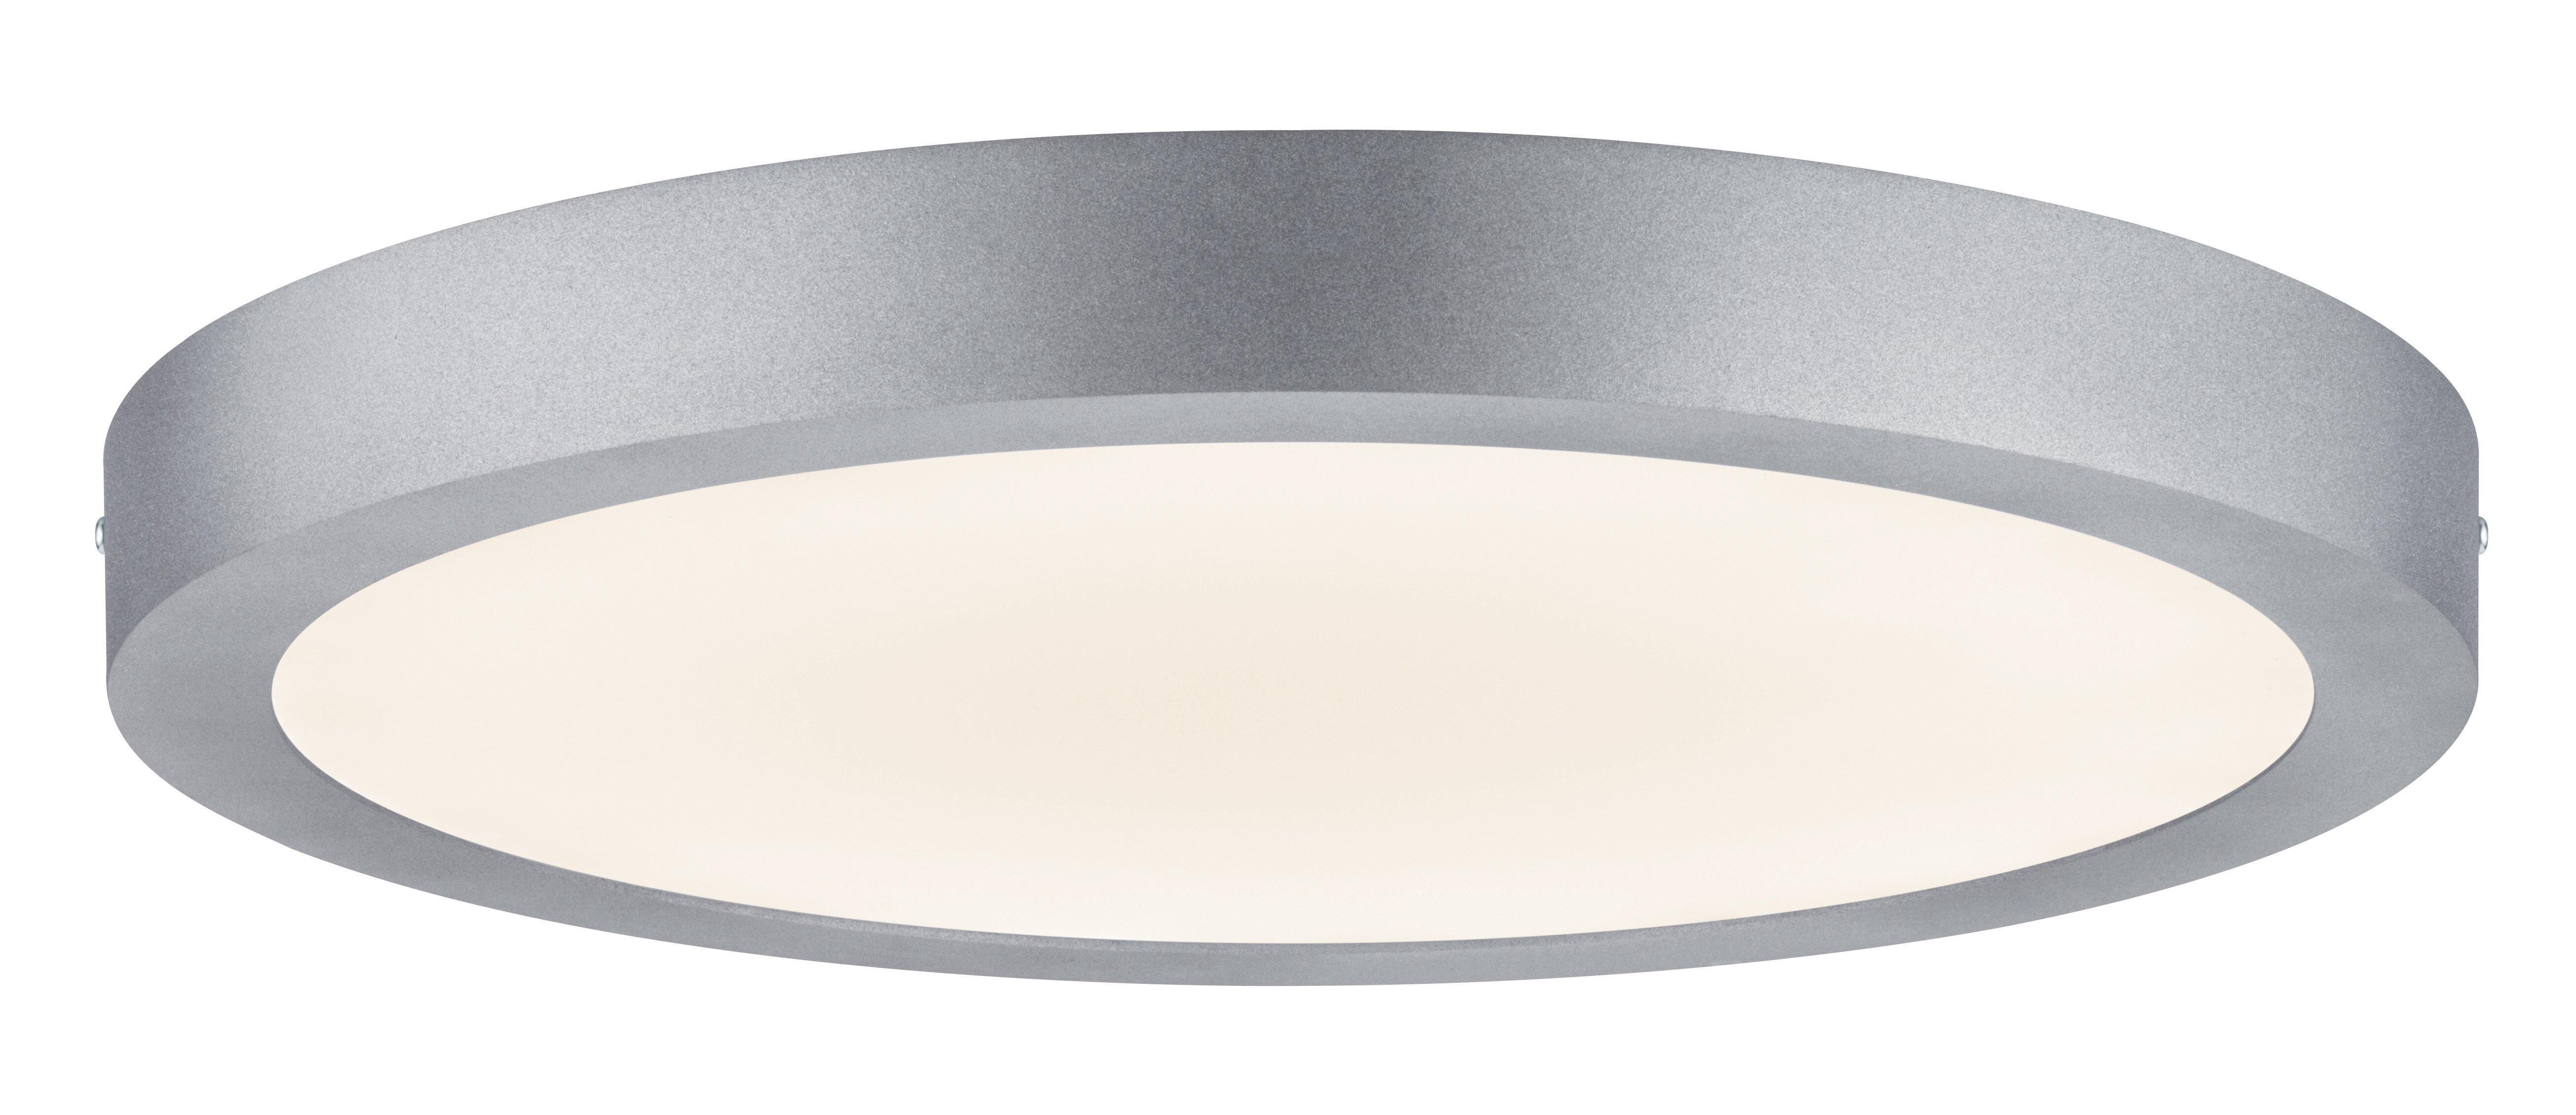 Paulmann lunar 1 light led flush ceiling light wayfair co uk